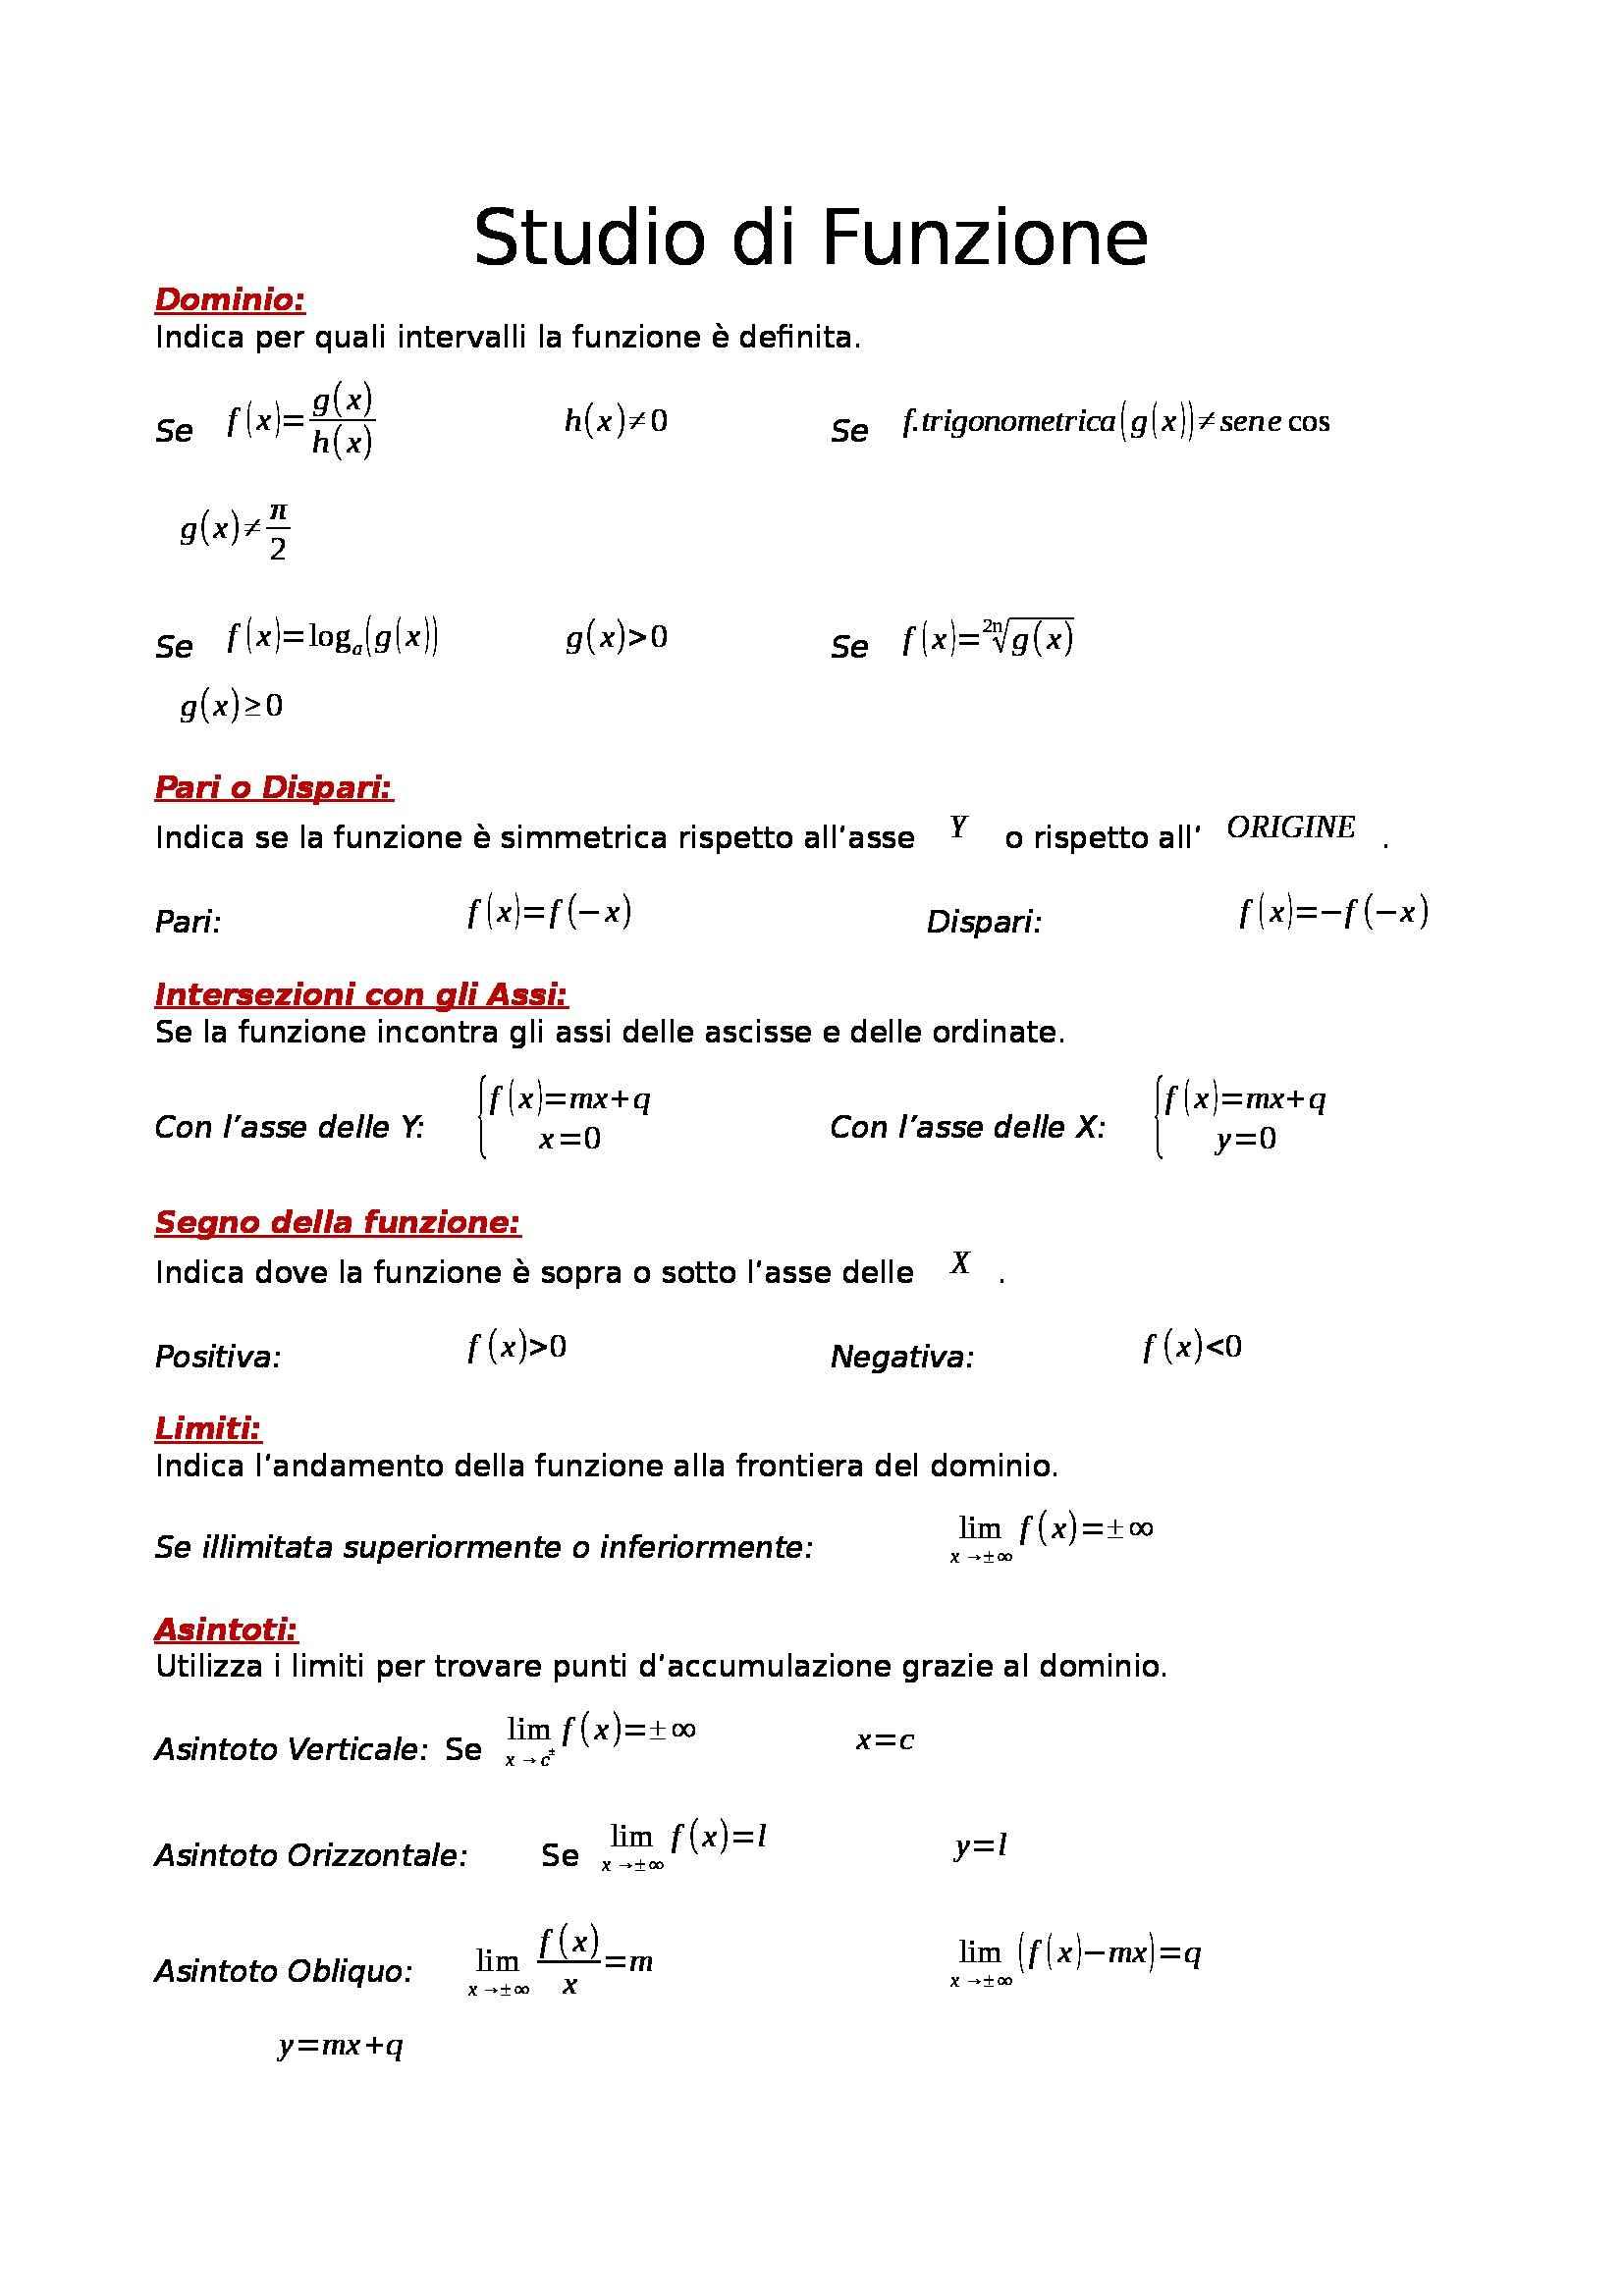 Matematica e laboratorio - formulario per studio di funzione